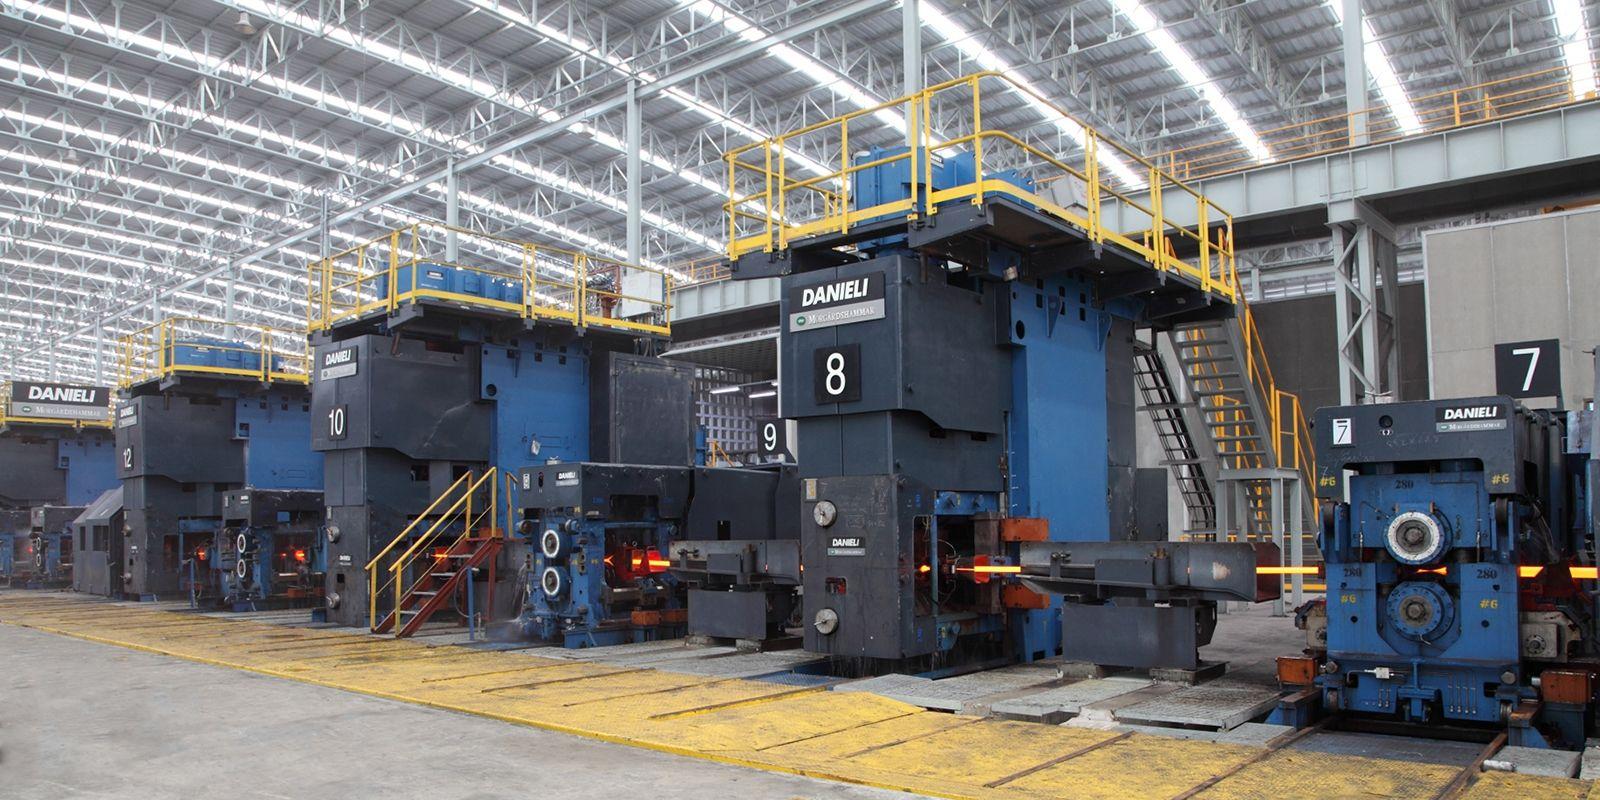 ОМК приступила к техническому перевооружению прокатного производства ЧМЗ с инвестициями 3,6 млрд руб.